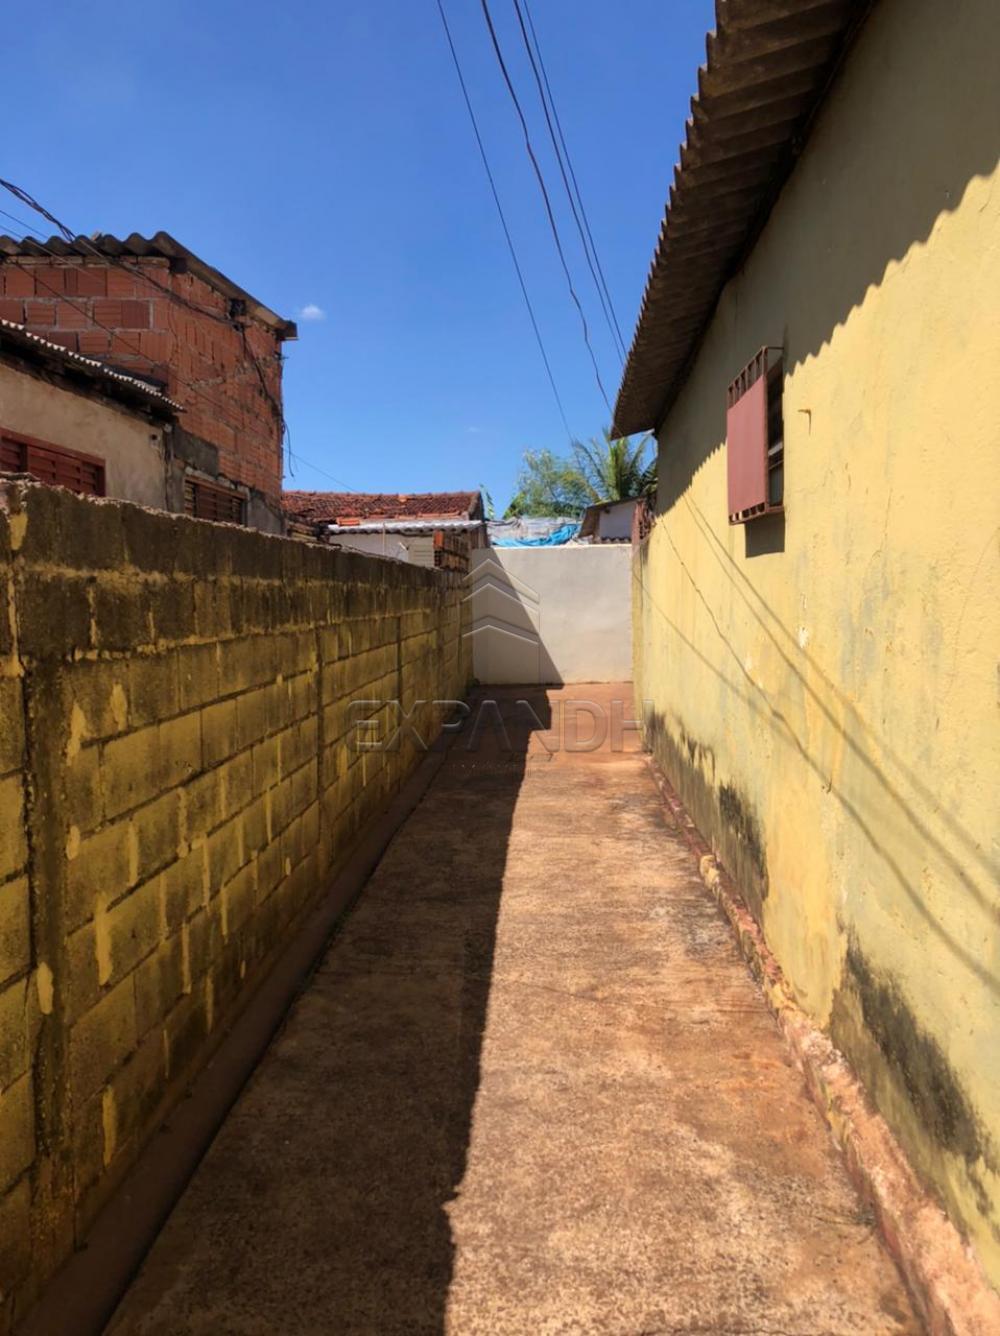 Alugar Casas / Padrão em Sertãozinho R$ 505,00 - Foto 3